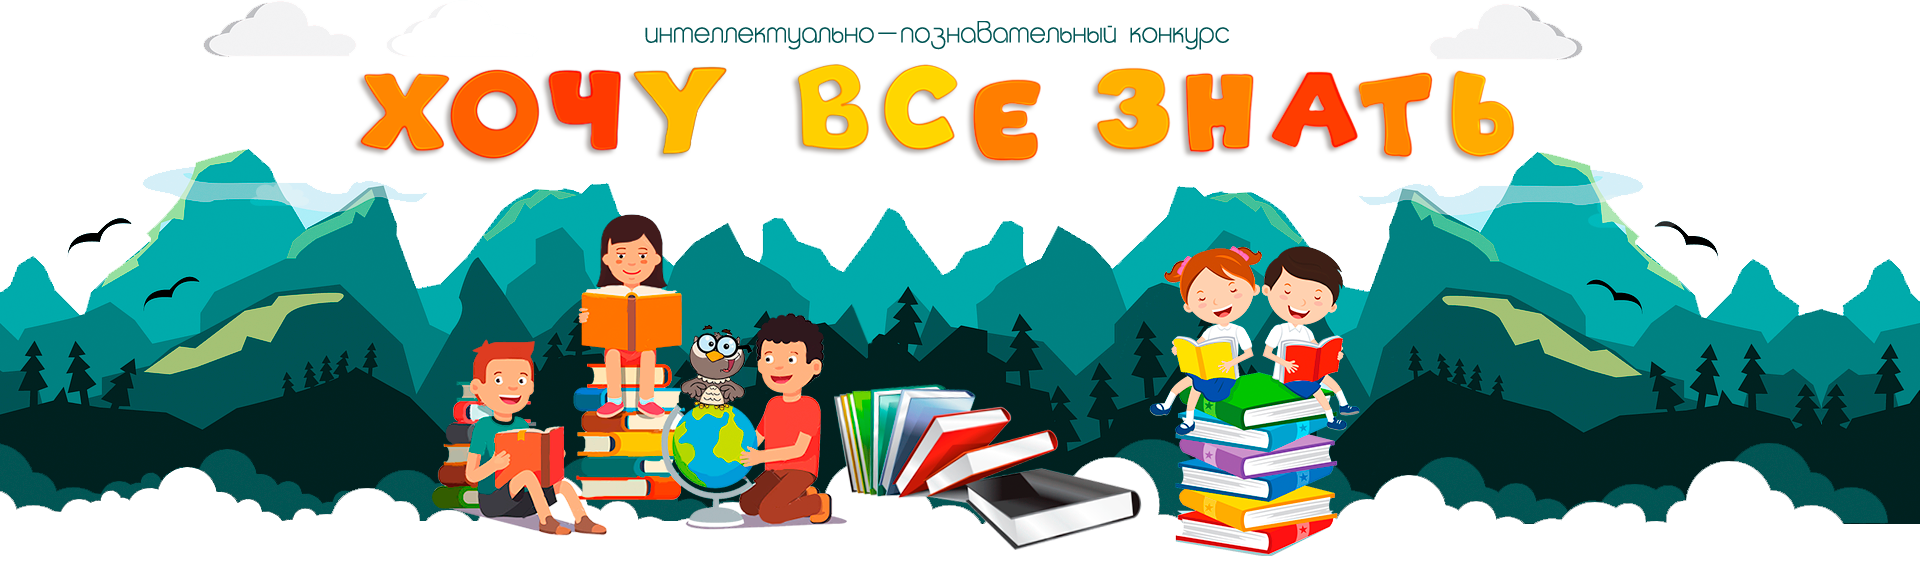 Детские конкурсы для школьников и детей Все конкурсы, гранты